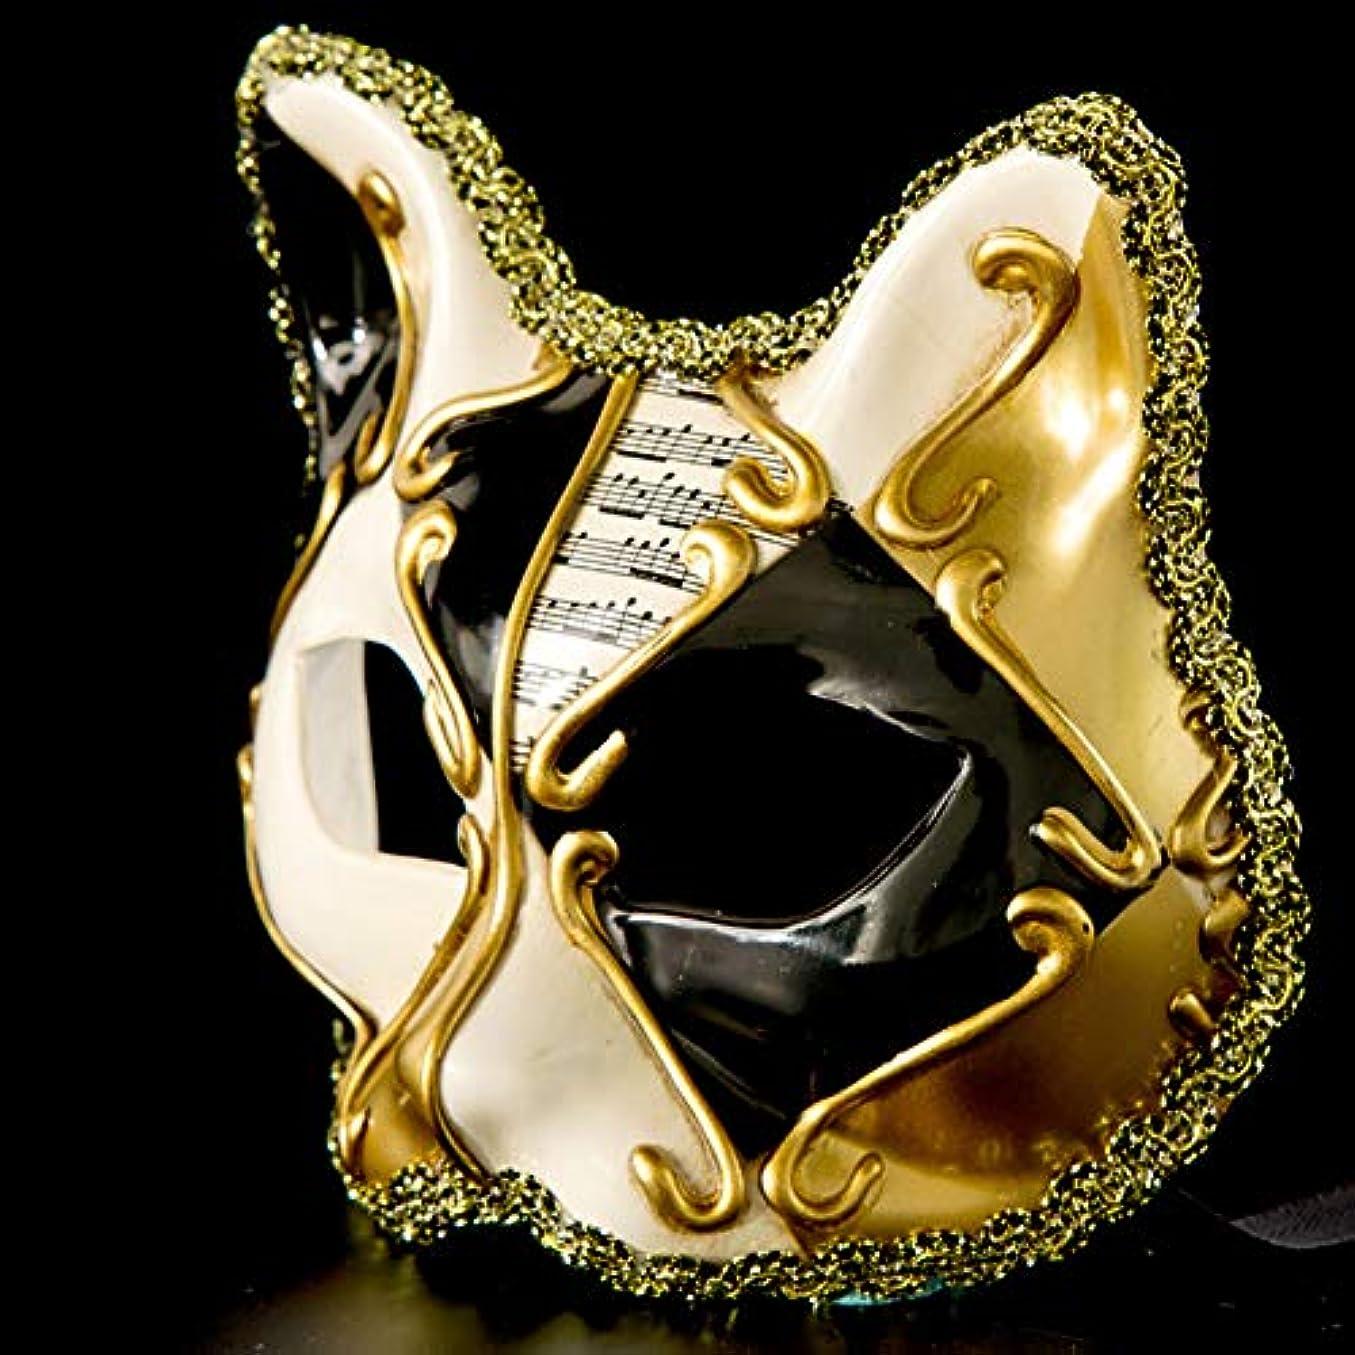 アクセシブル資本省略マスクベネチアン子猫マスク子供仮装ボールパーティー,イエロー